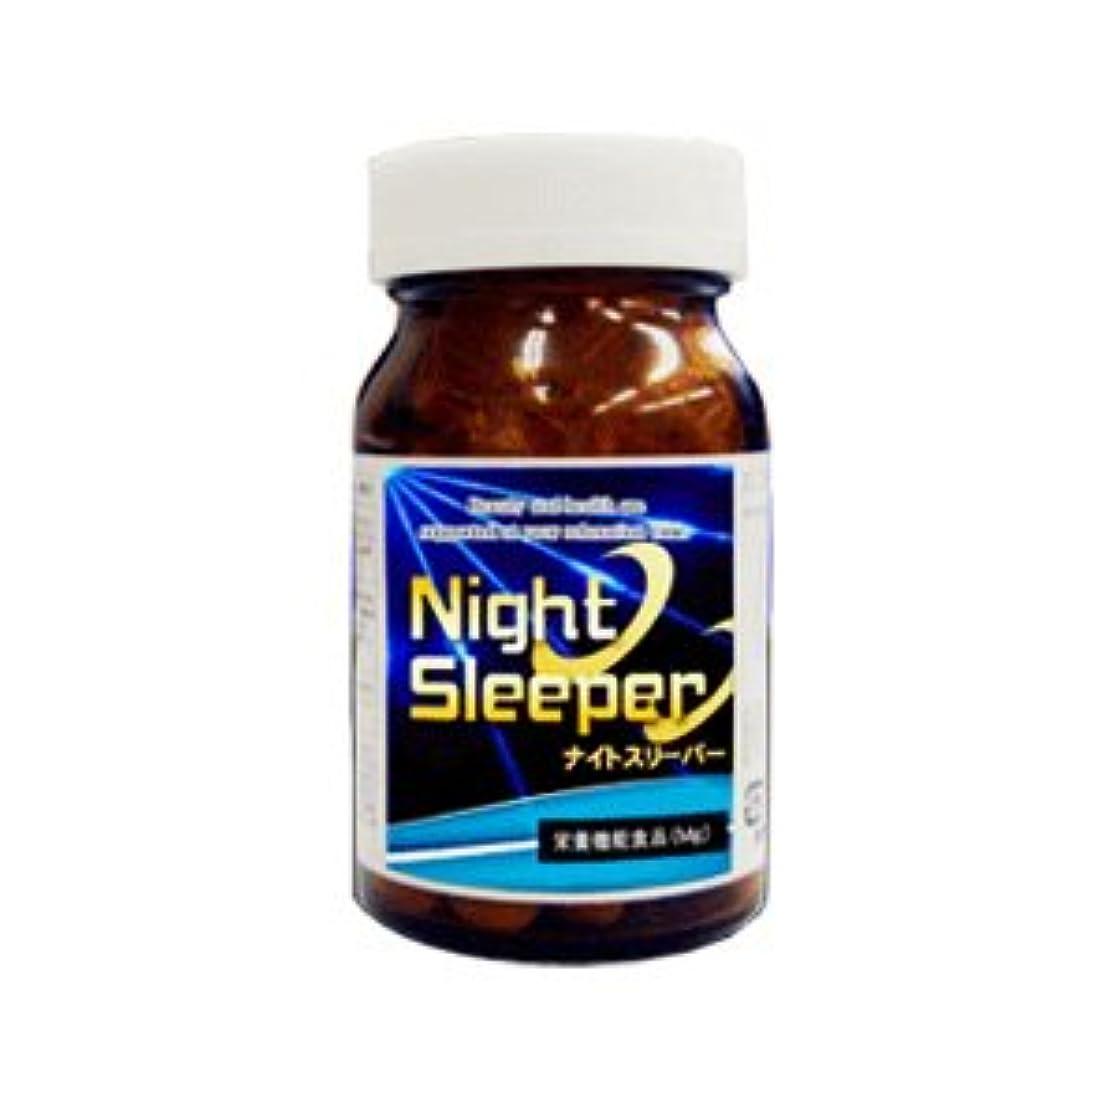 意味イル介入するナイトスリーパー nightsleeper